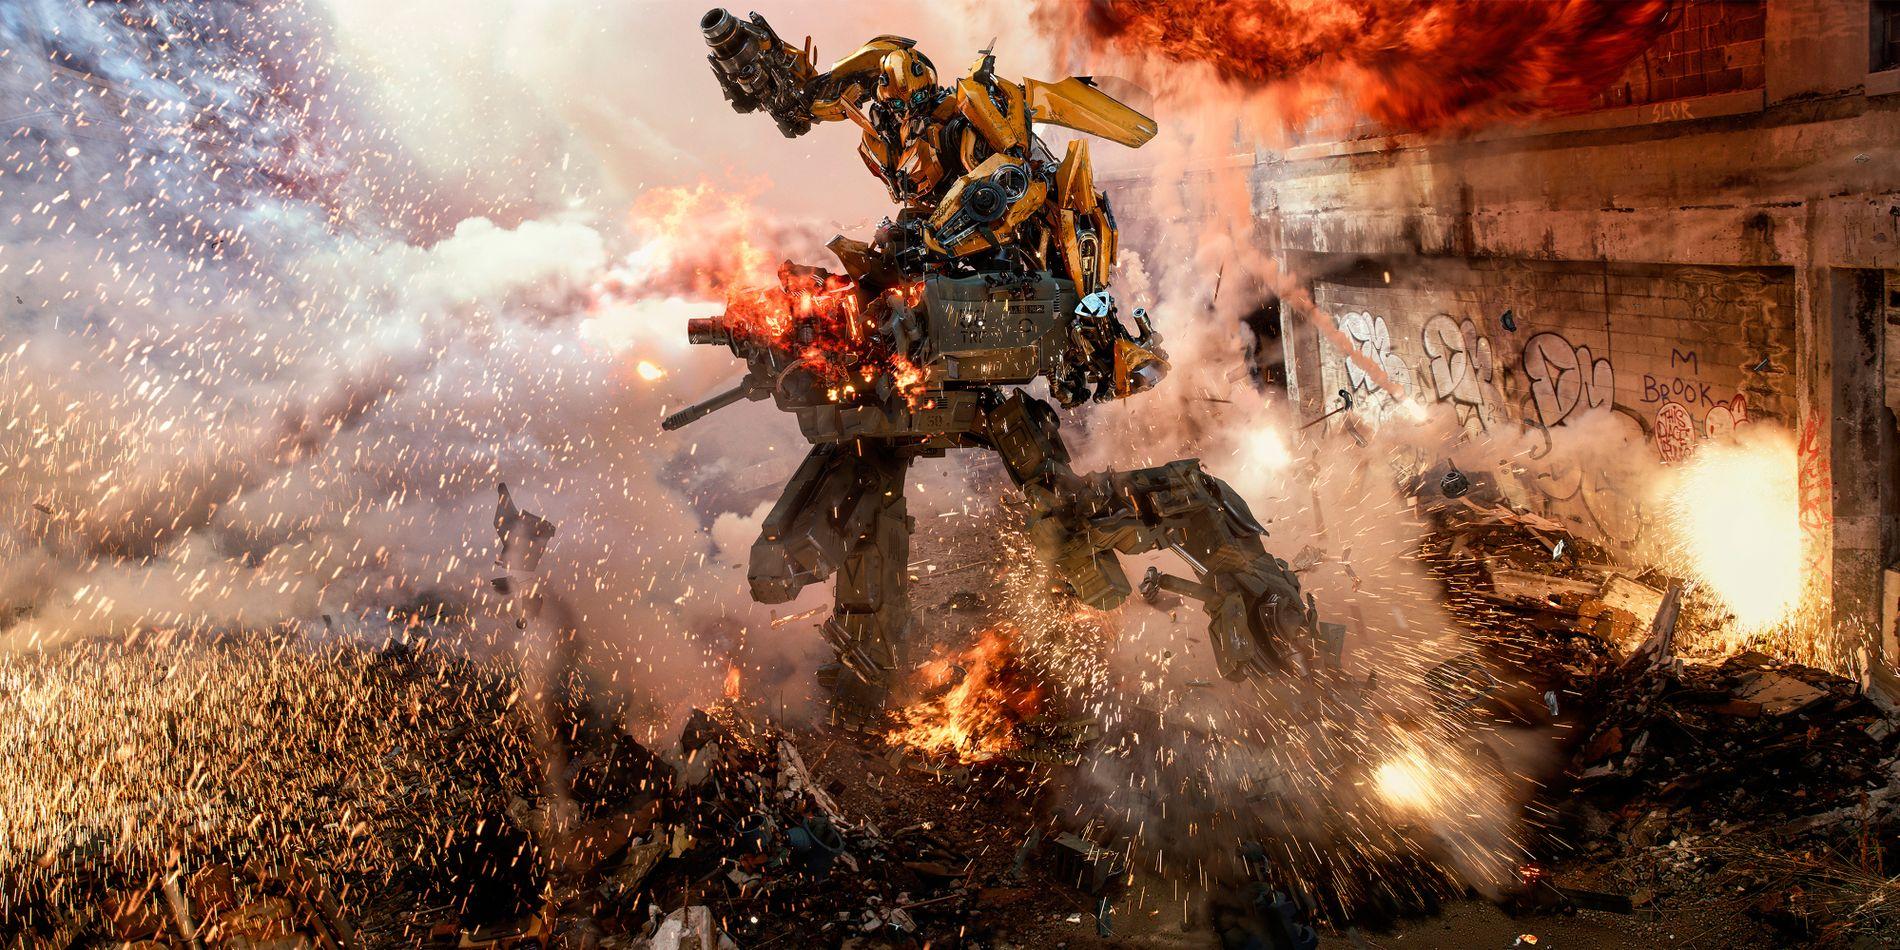 NØYAKTIG SOM DETTE – I TO OG EN HALV TIME: En transformer driver med det tranformere driver med i «Transformers: The Last Knight». FOTO : United International Pictures